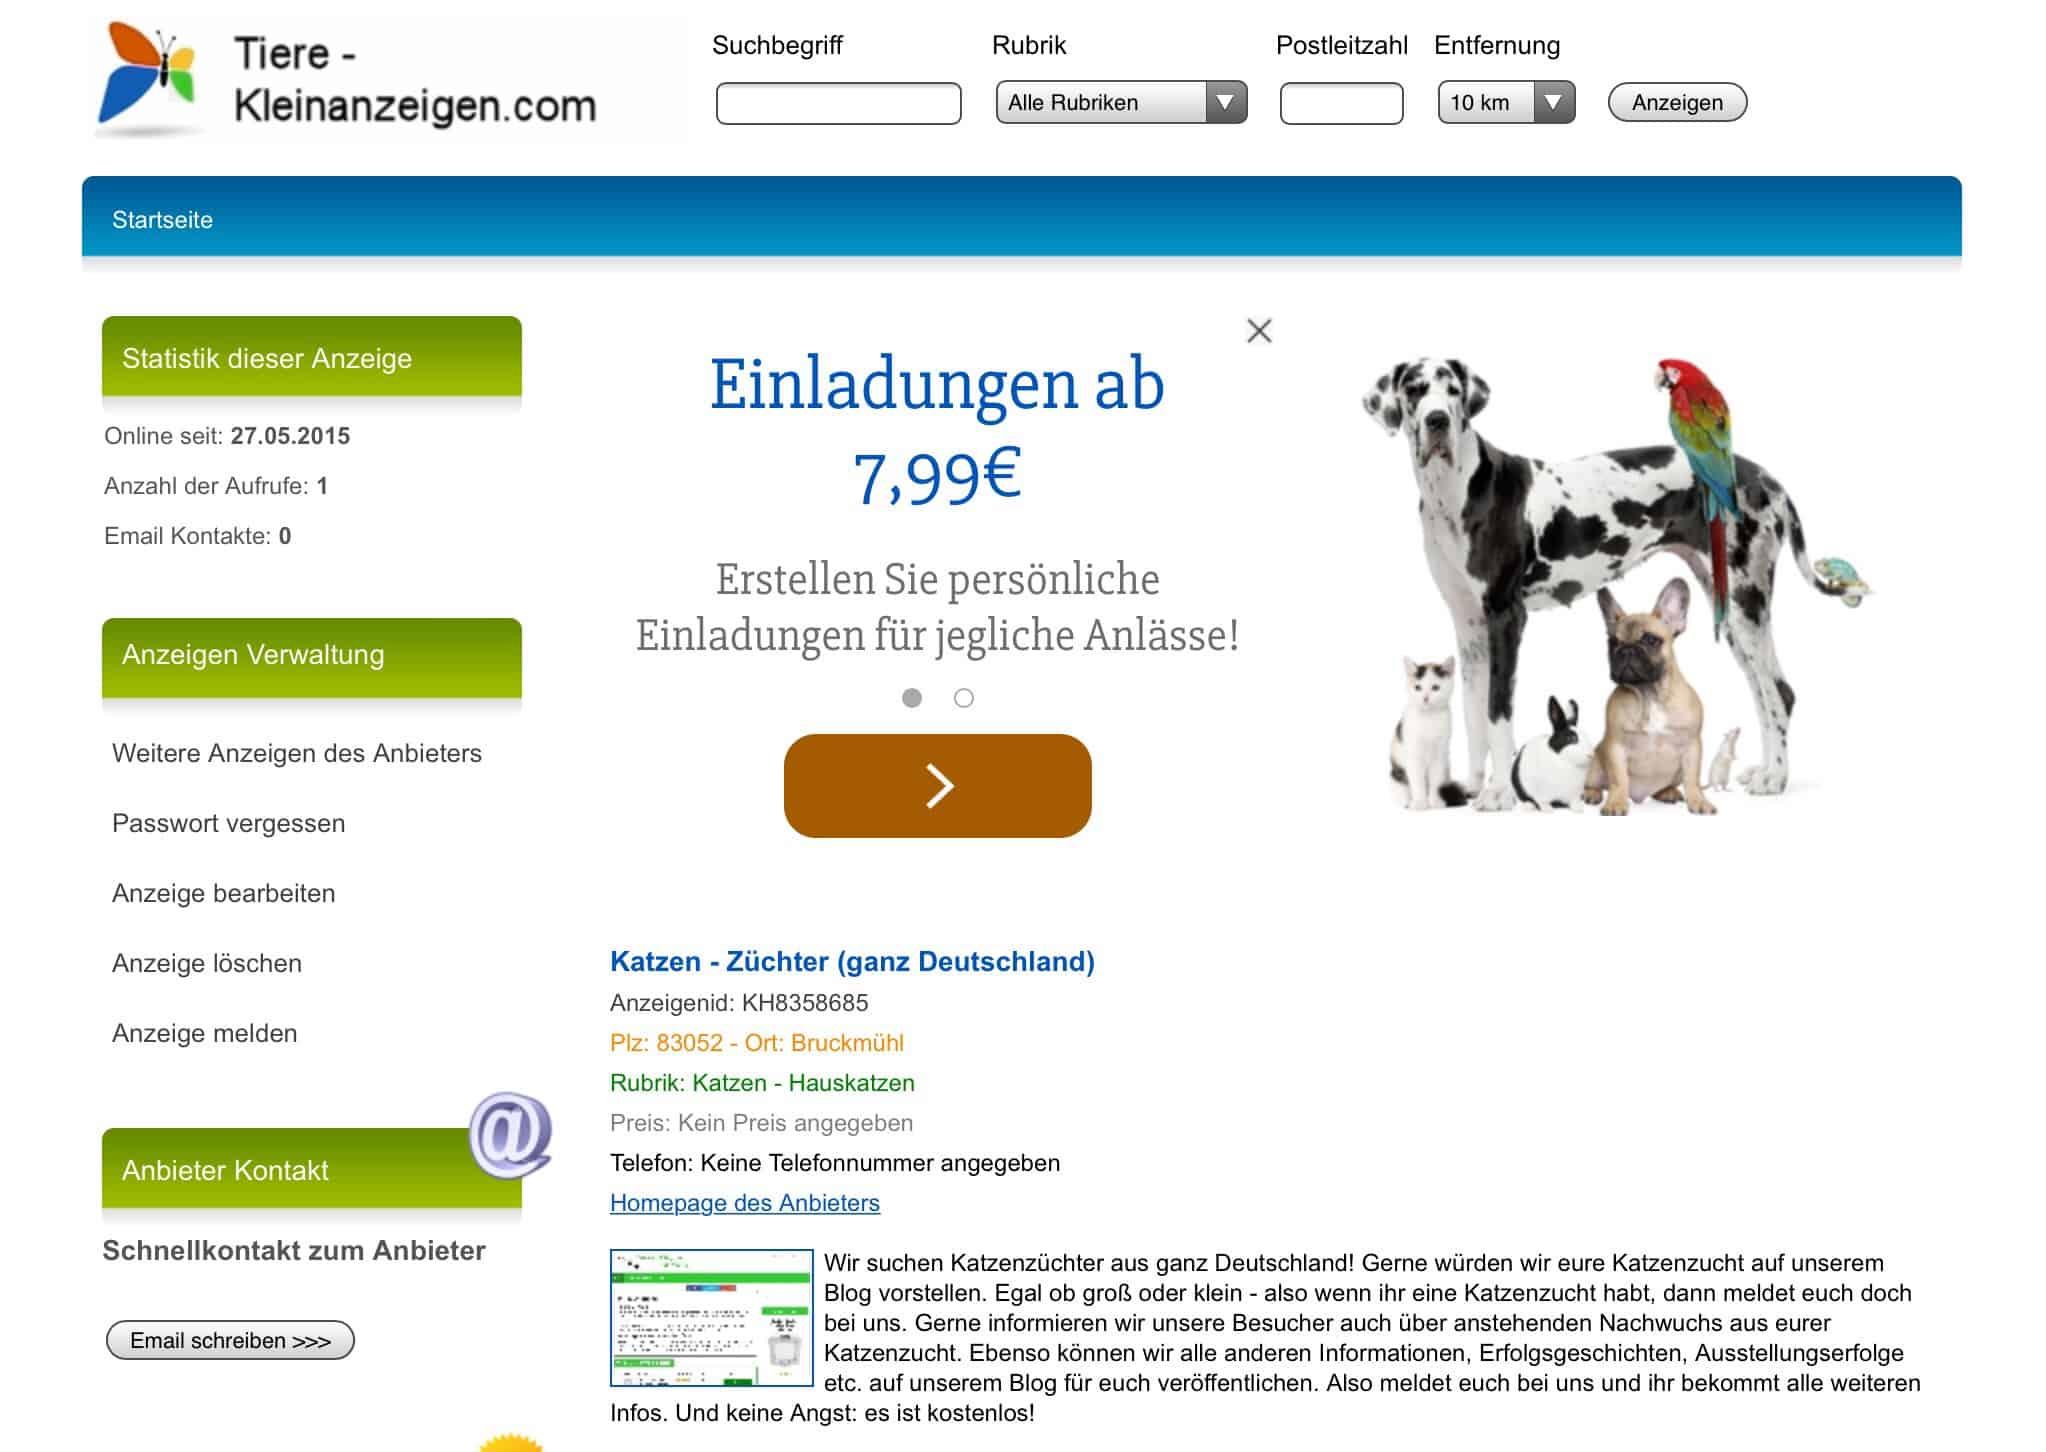 tiere-kleinanzeigen.com kostenlose Kleinanzeigen